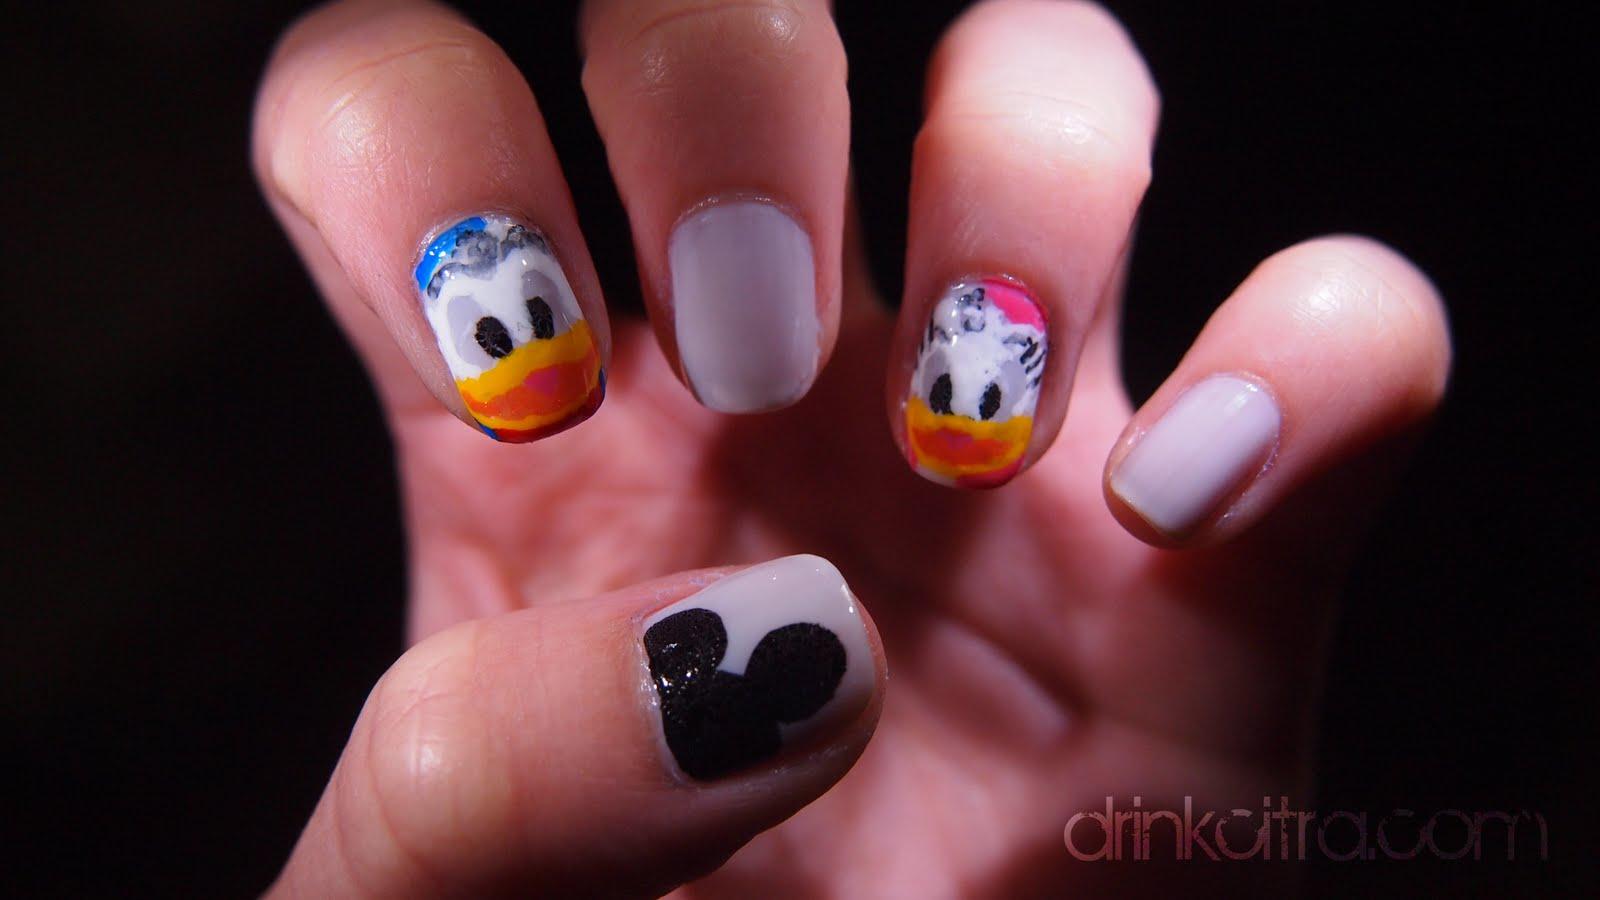 Character Design Nails : Disney character themed nails